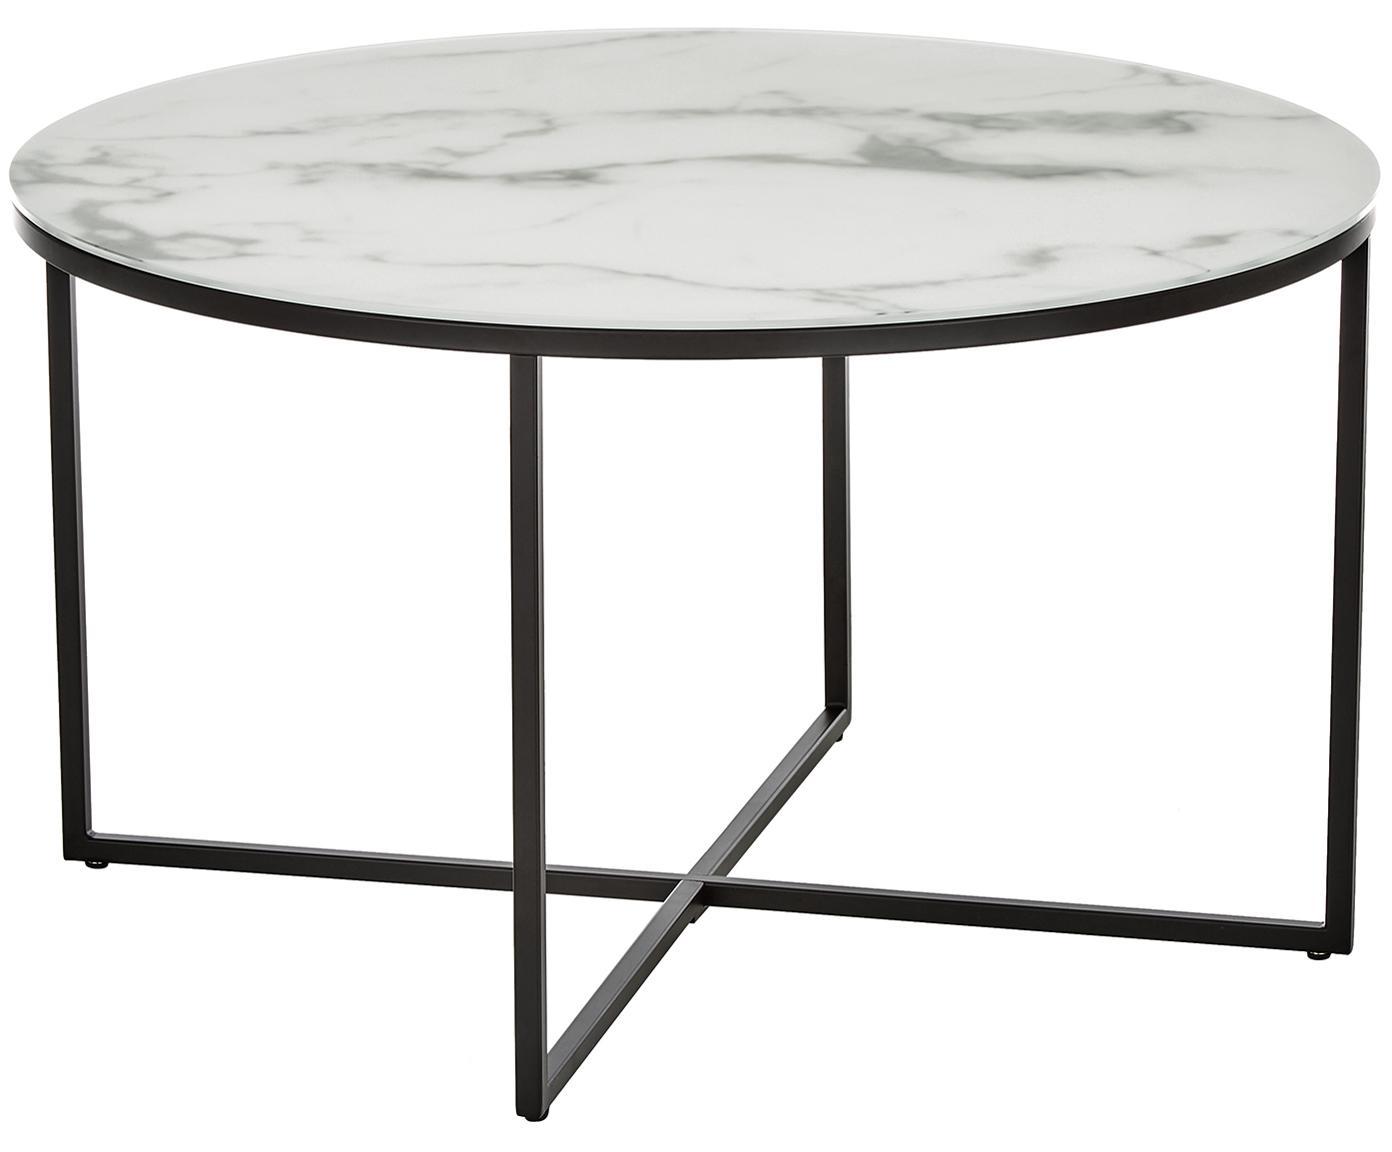 Tavolino da salotto con piano in vetro Antigua, Piano d'appoggio: vetro stampato opaco, Struttura: acciaio verniciato a polv, Bianco-grigio marmorizzato, nero, Ø 80 x Alt. 45 cm